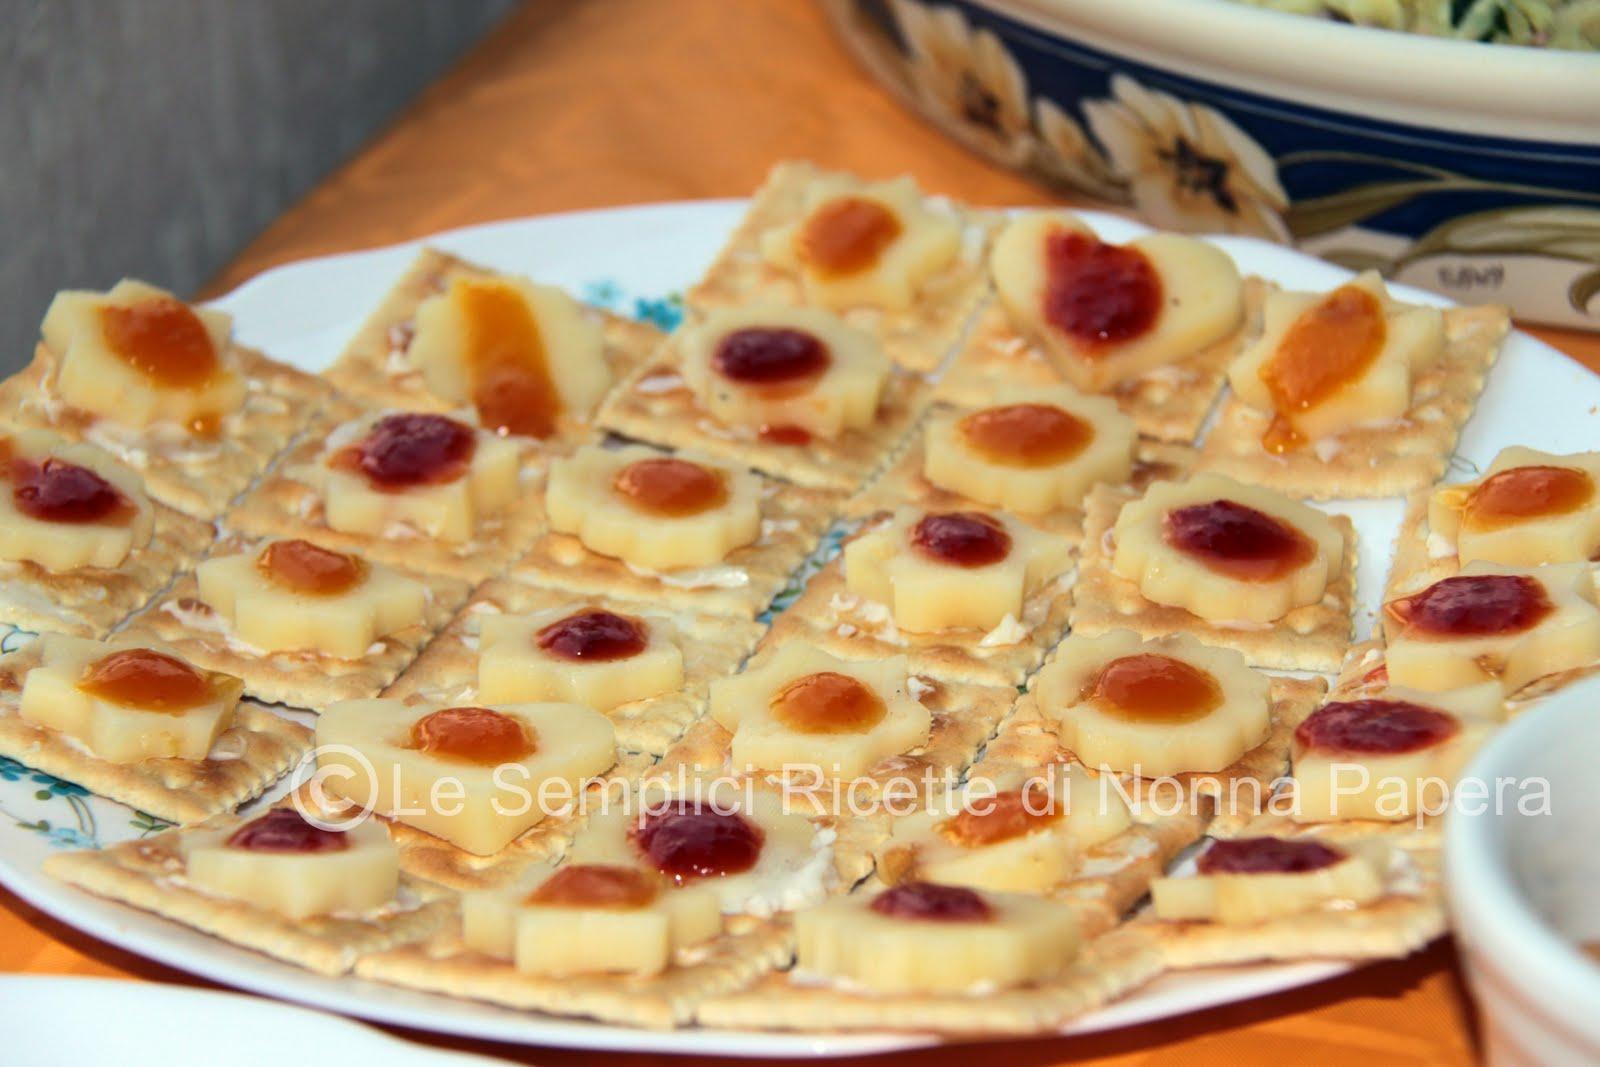 Le semplici ricette di nonna papera stuzzichini per aperitivo - Idee per un aperitivo in casa ...